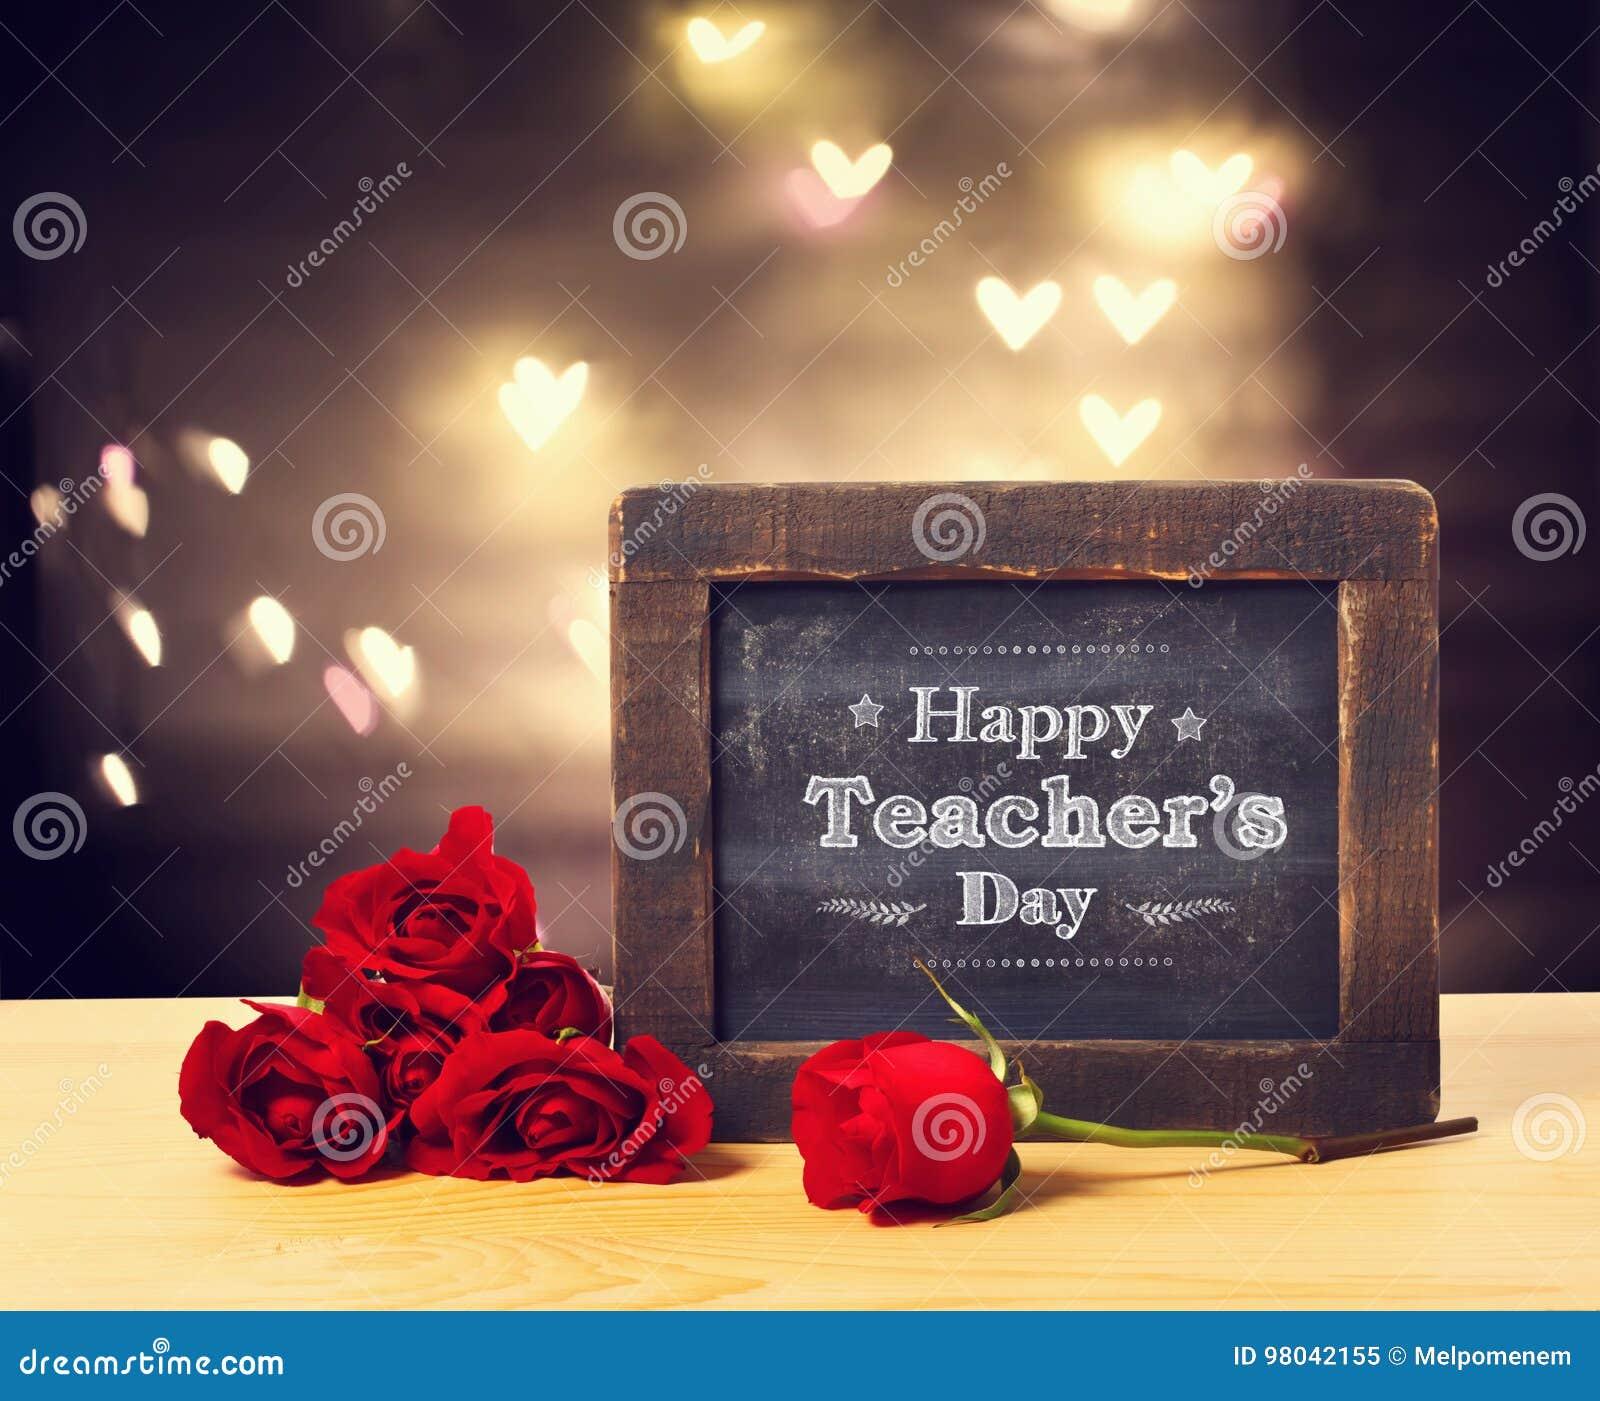 Mensagem Feliz Do Dia Dos Professores Com Rosas Imagem De Stock Imagem De Professores Rosas 98042155